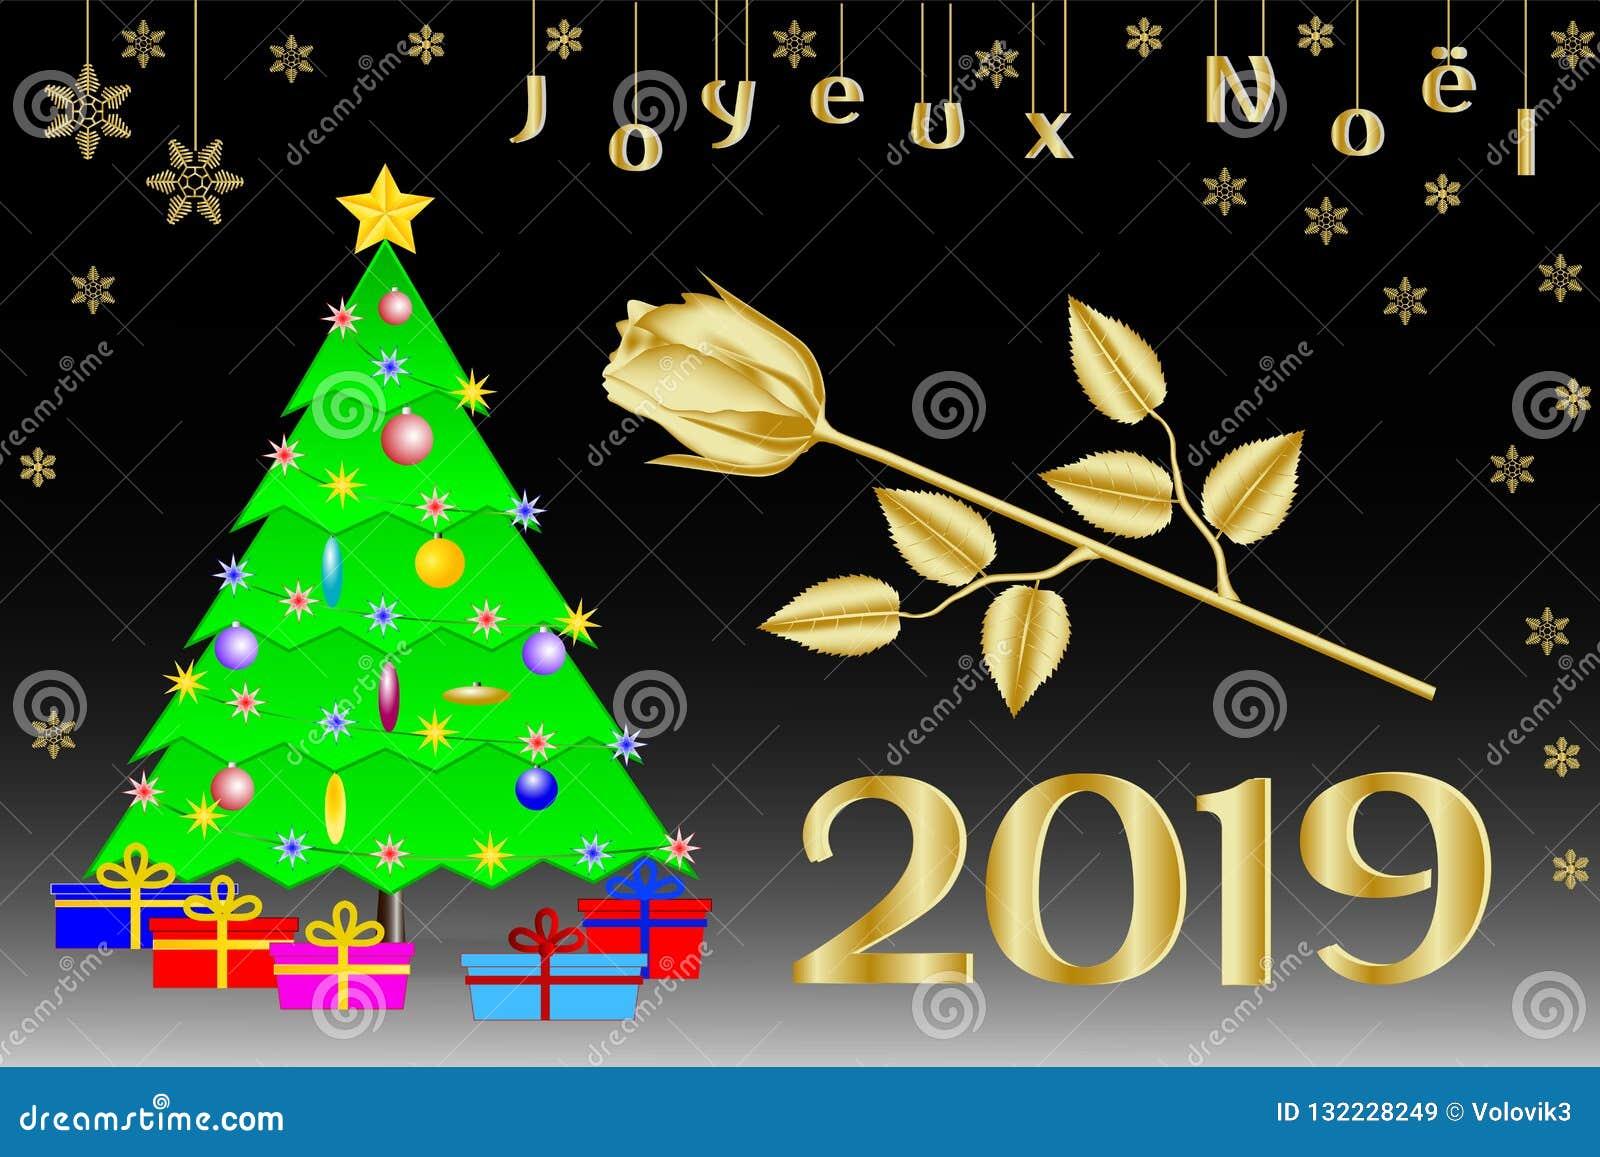 Stella Di Natale A 5 Punte.Congratulazioni Sul Natale 2019 In Francese Albero Di Natale Con Una